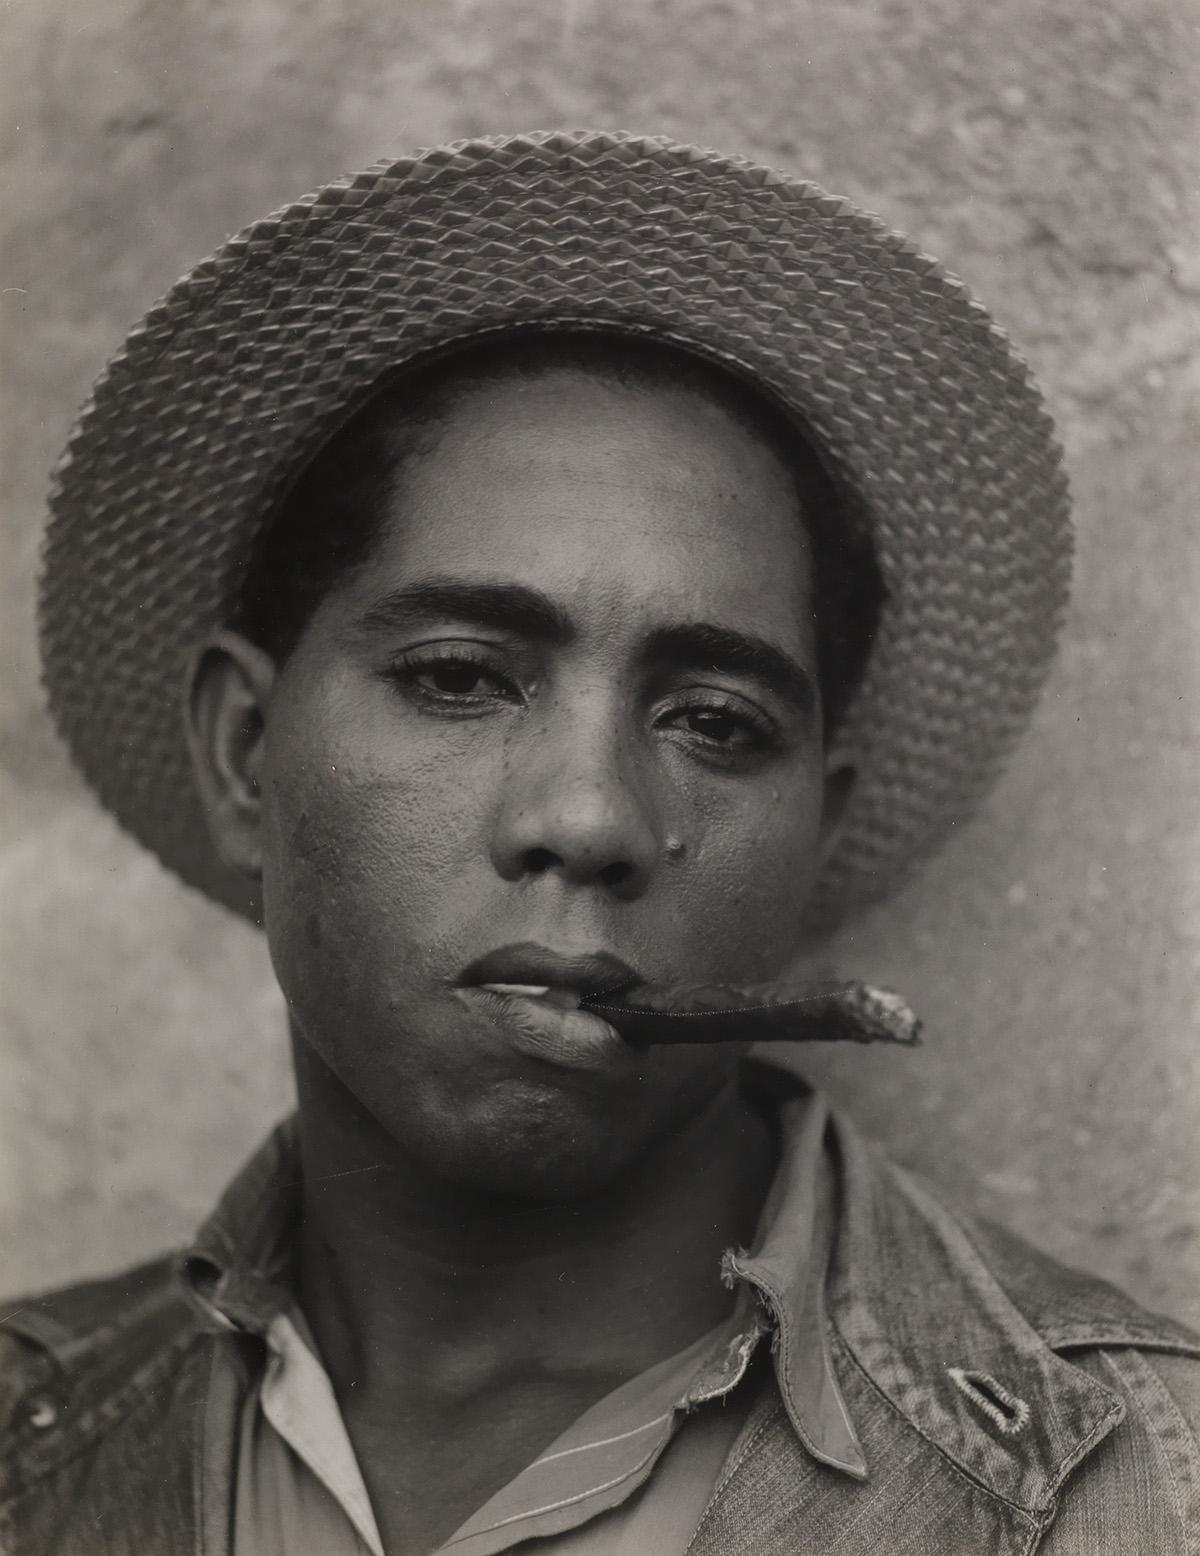 WALKER EVANS (1903-1975) Stevedore, Havana, Cuba (coal dock worker).